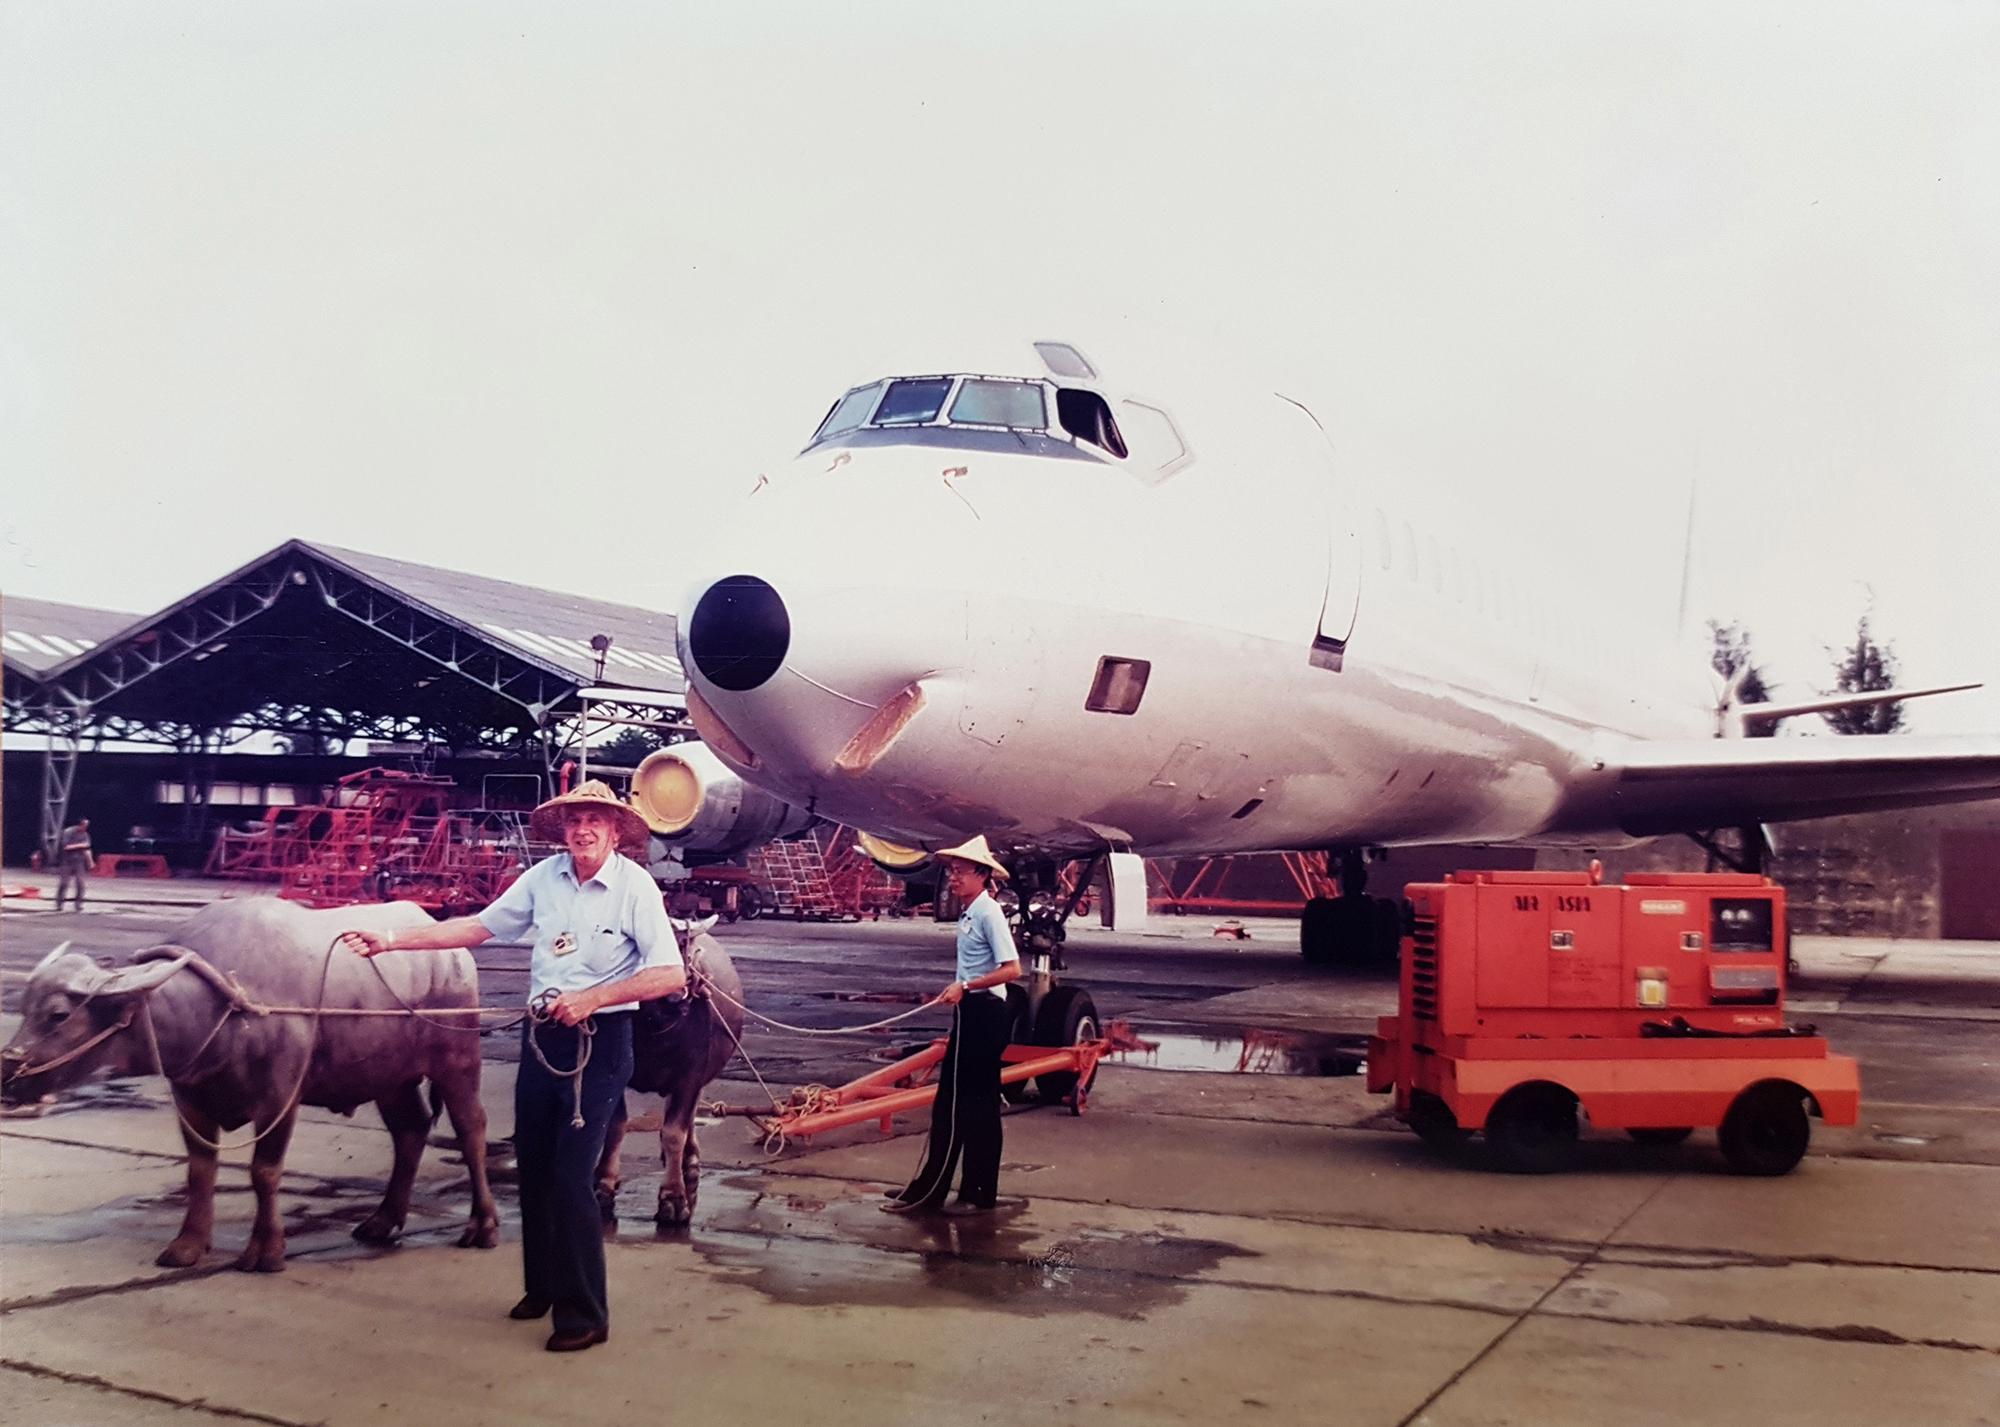 1977 年中美斷交,臺南飛行場的亞洲航空公司,祭出「牛車拉飛機」苦肉計,向母公司索取資金紓困。圖│亞洲航空(股)公司編(2016)《亞洲航空公司 70 週年特刊》